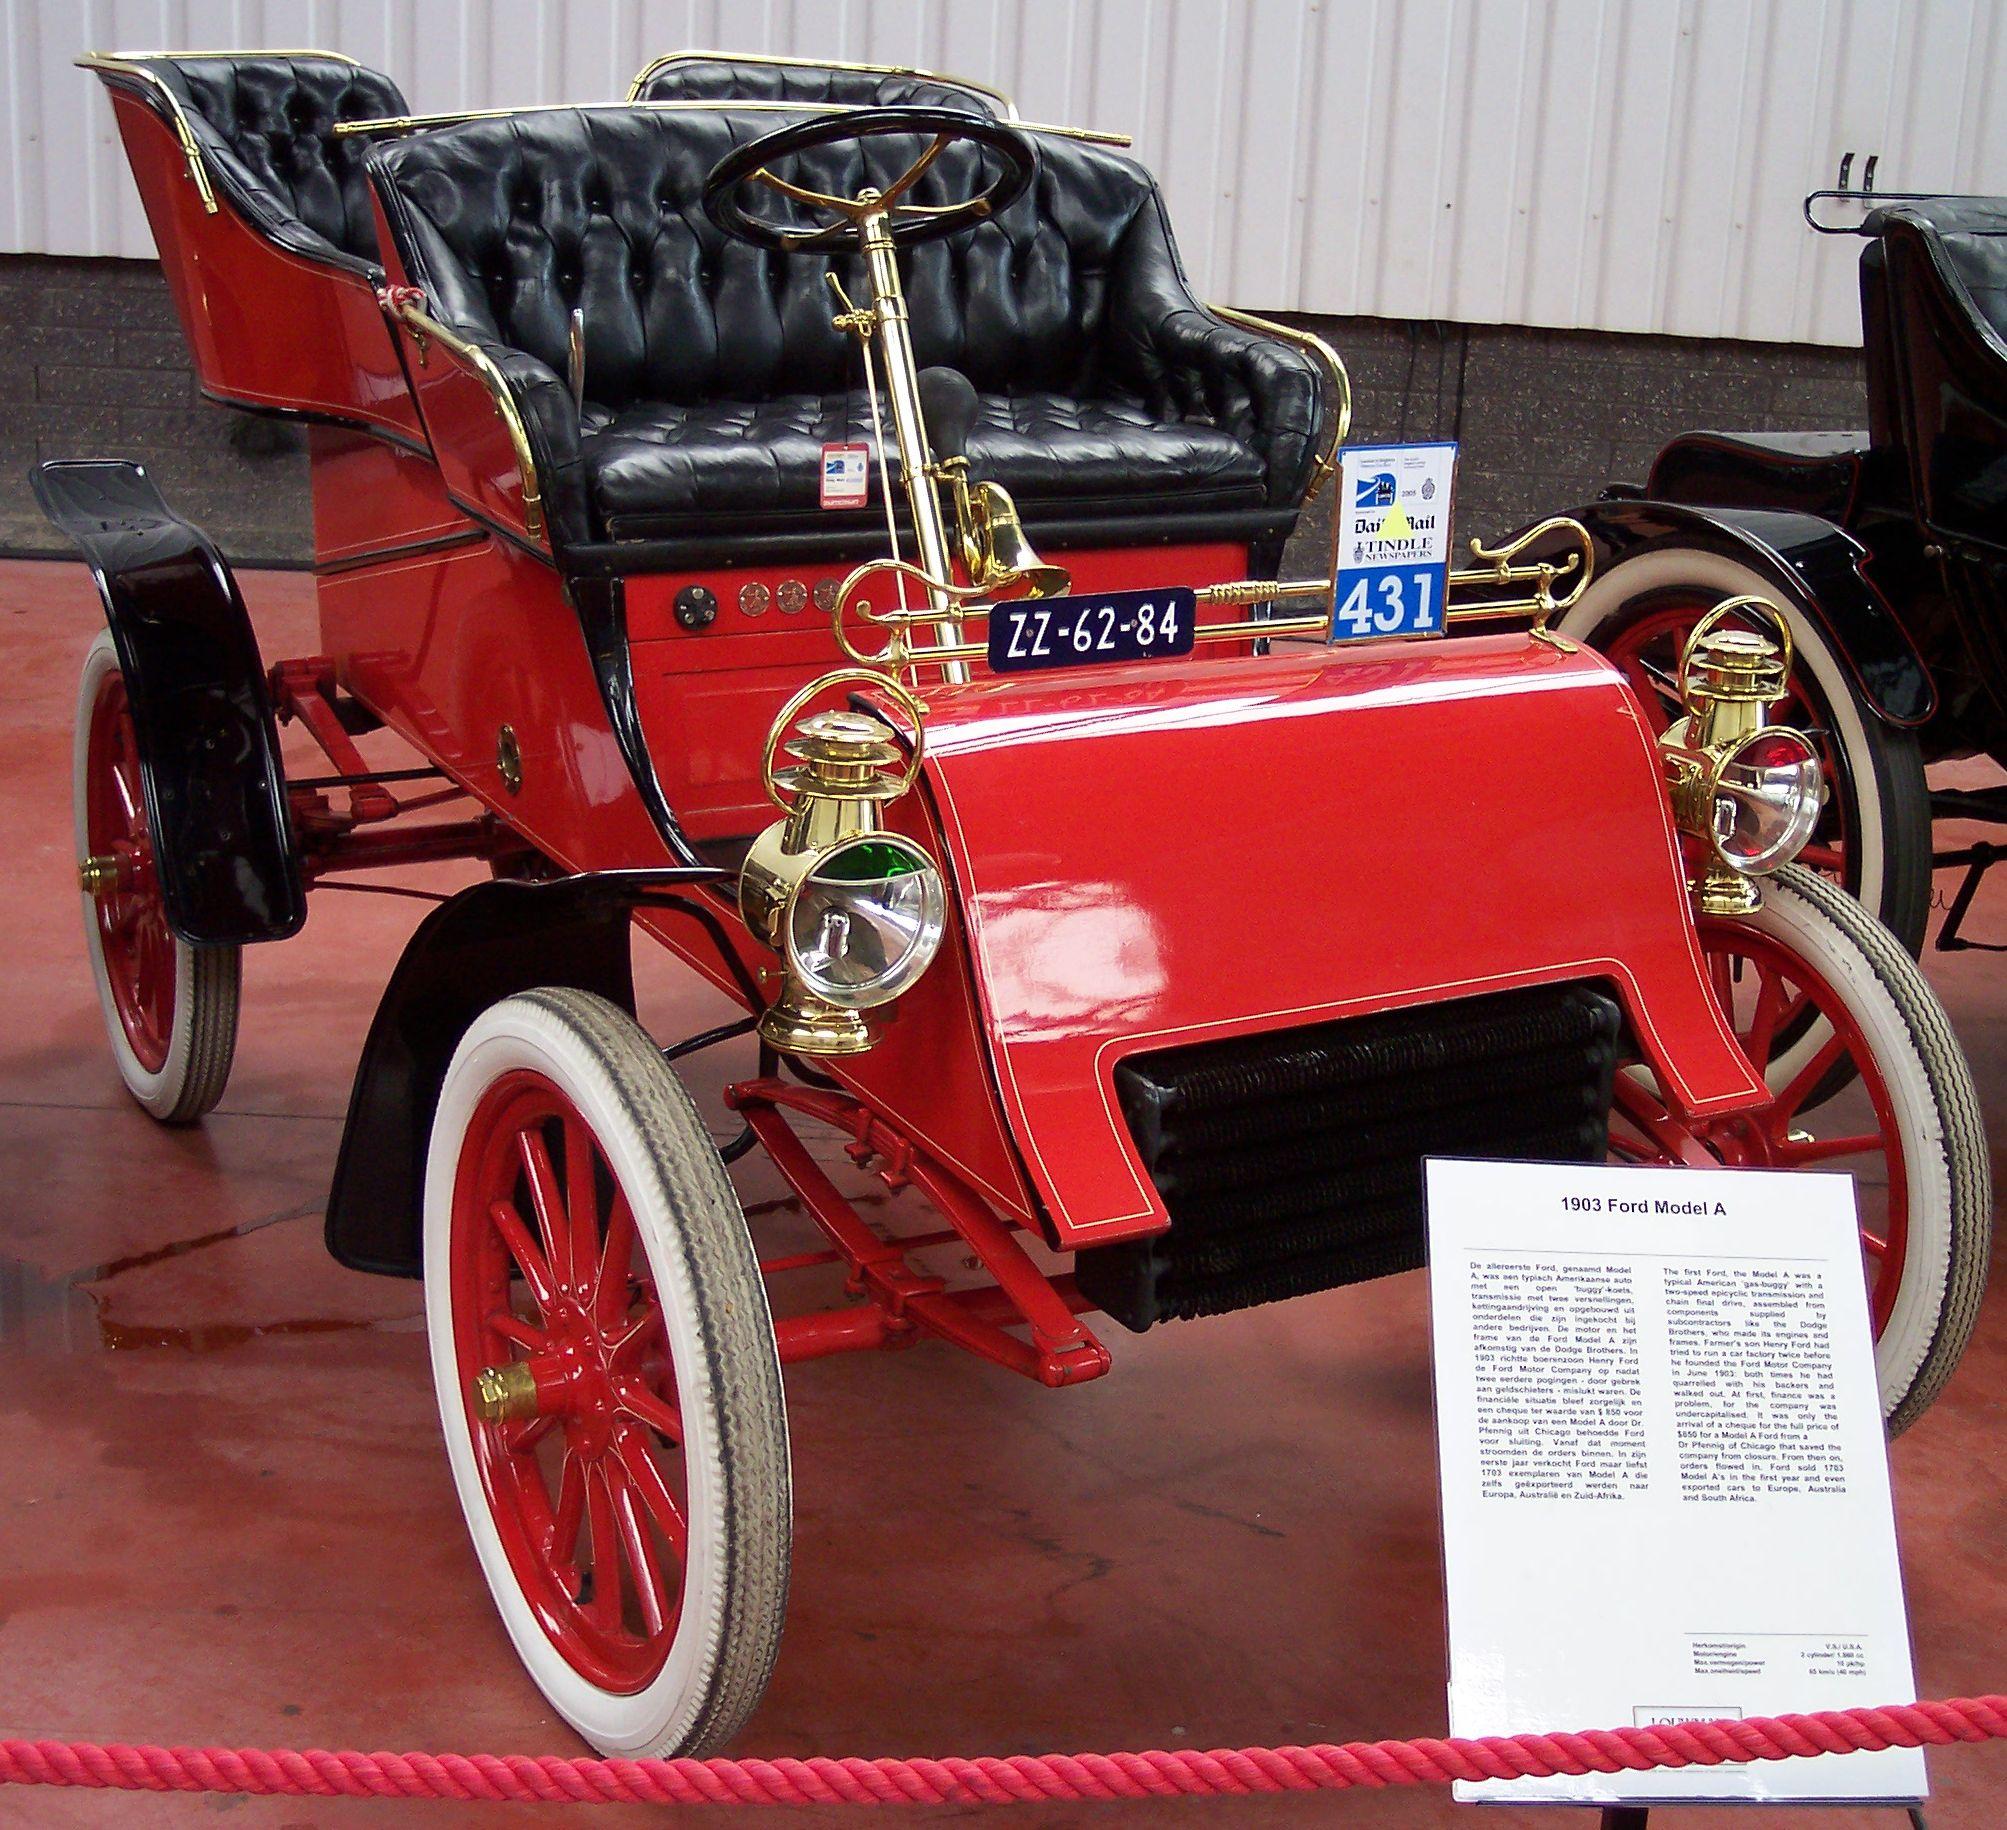 23 июля в истории: первый коммерческий автомобиль Ford, начало боевого дежурства ракет «Тополь» и первое реальное подобие искусственного и